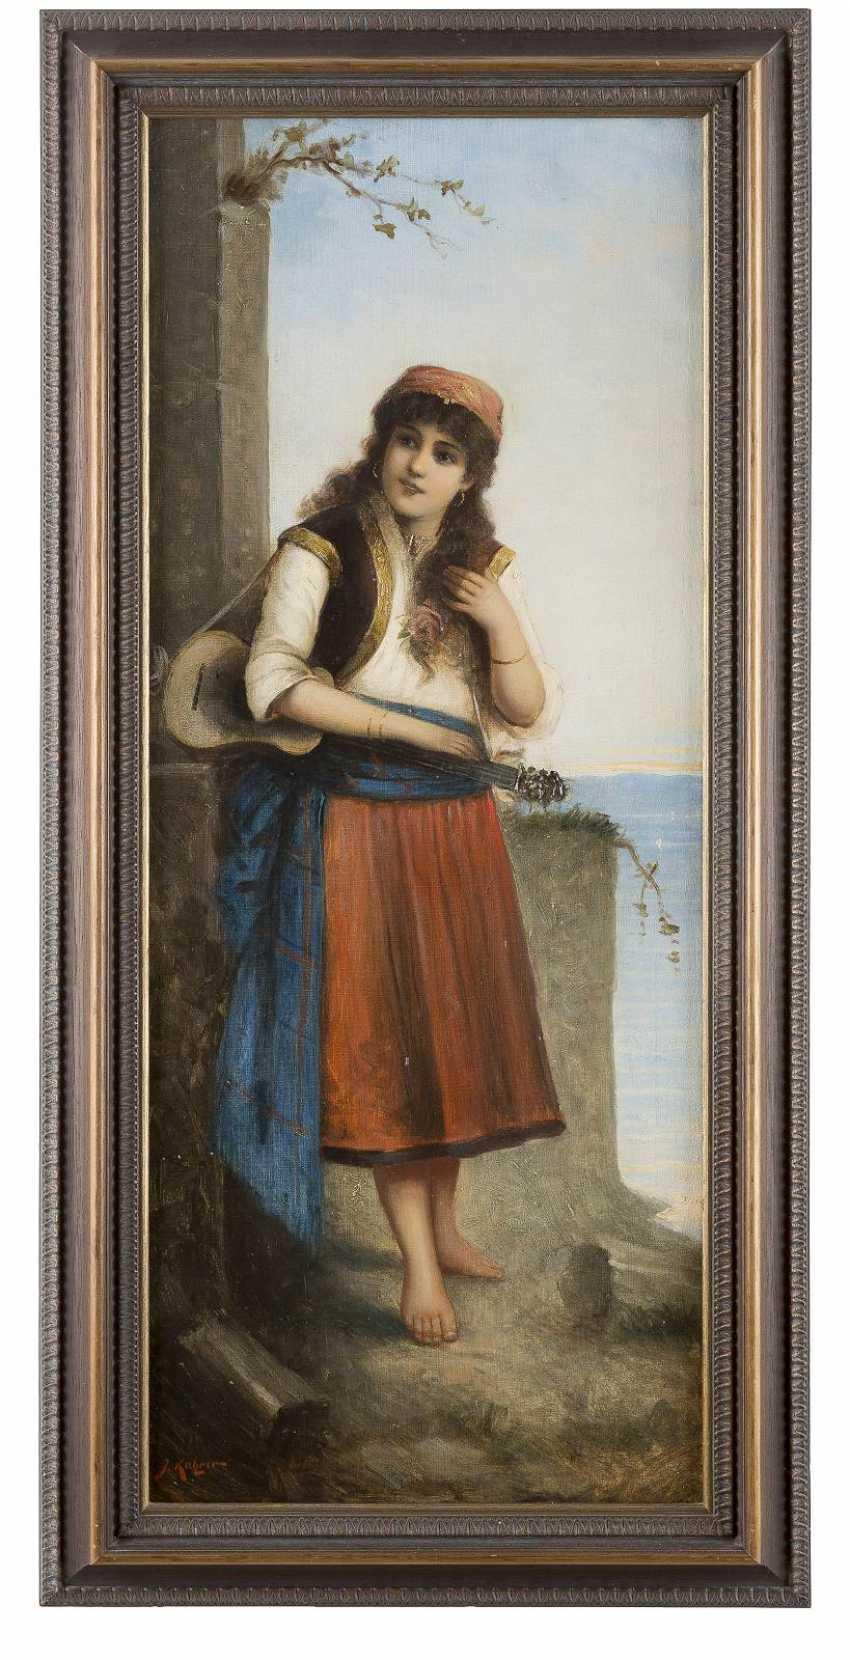 J. KATZNER Tätig um 1900 Gemäldepaar: Italienischer Geiger (1) und Gitarrenspielerin (2) - photo 4